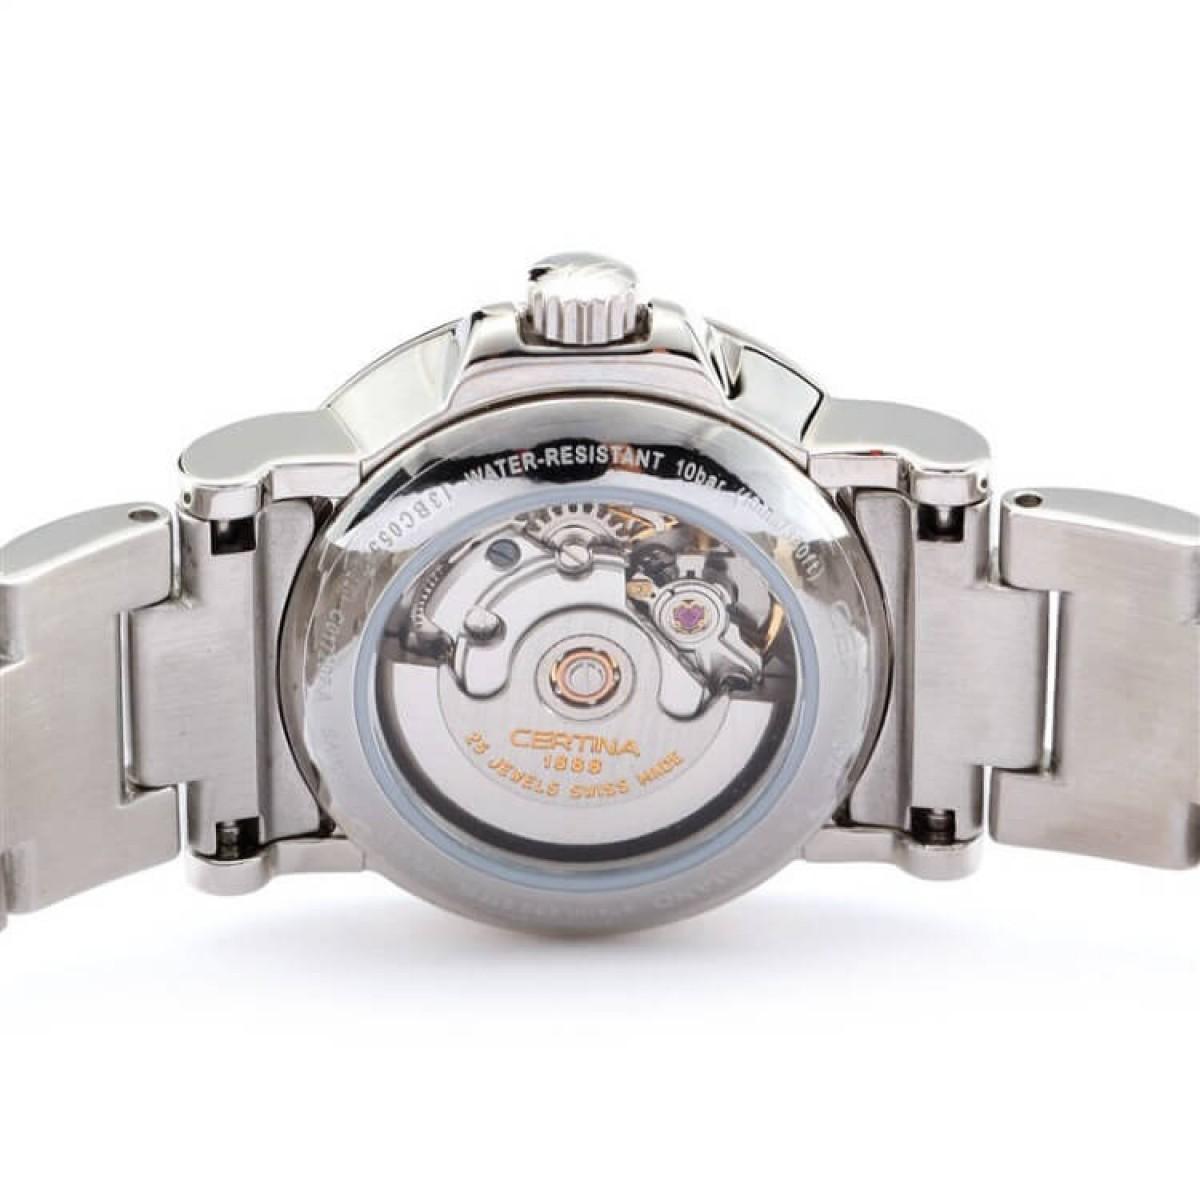 Часовник Certina C017.207.11.057.00